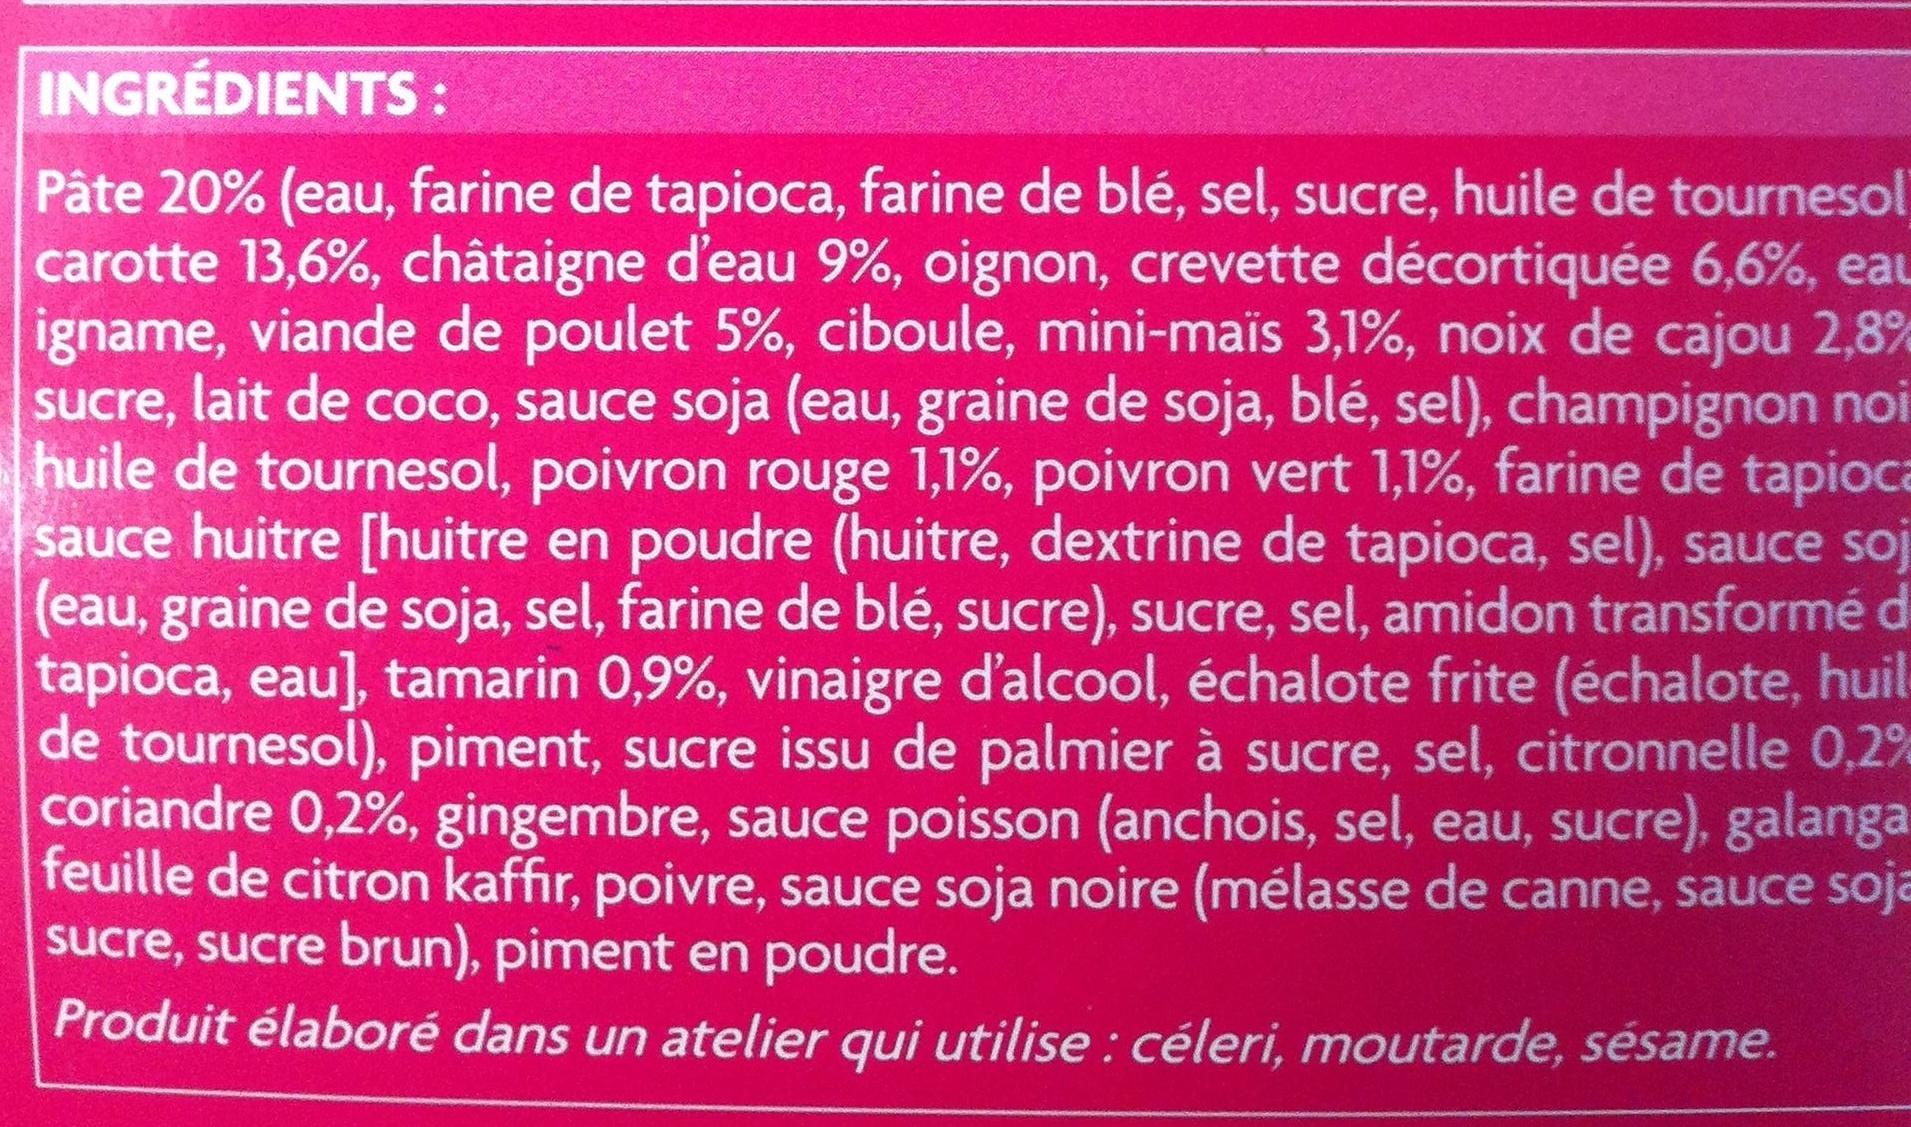 Bouchées apéritives - Ingredients